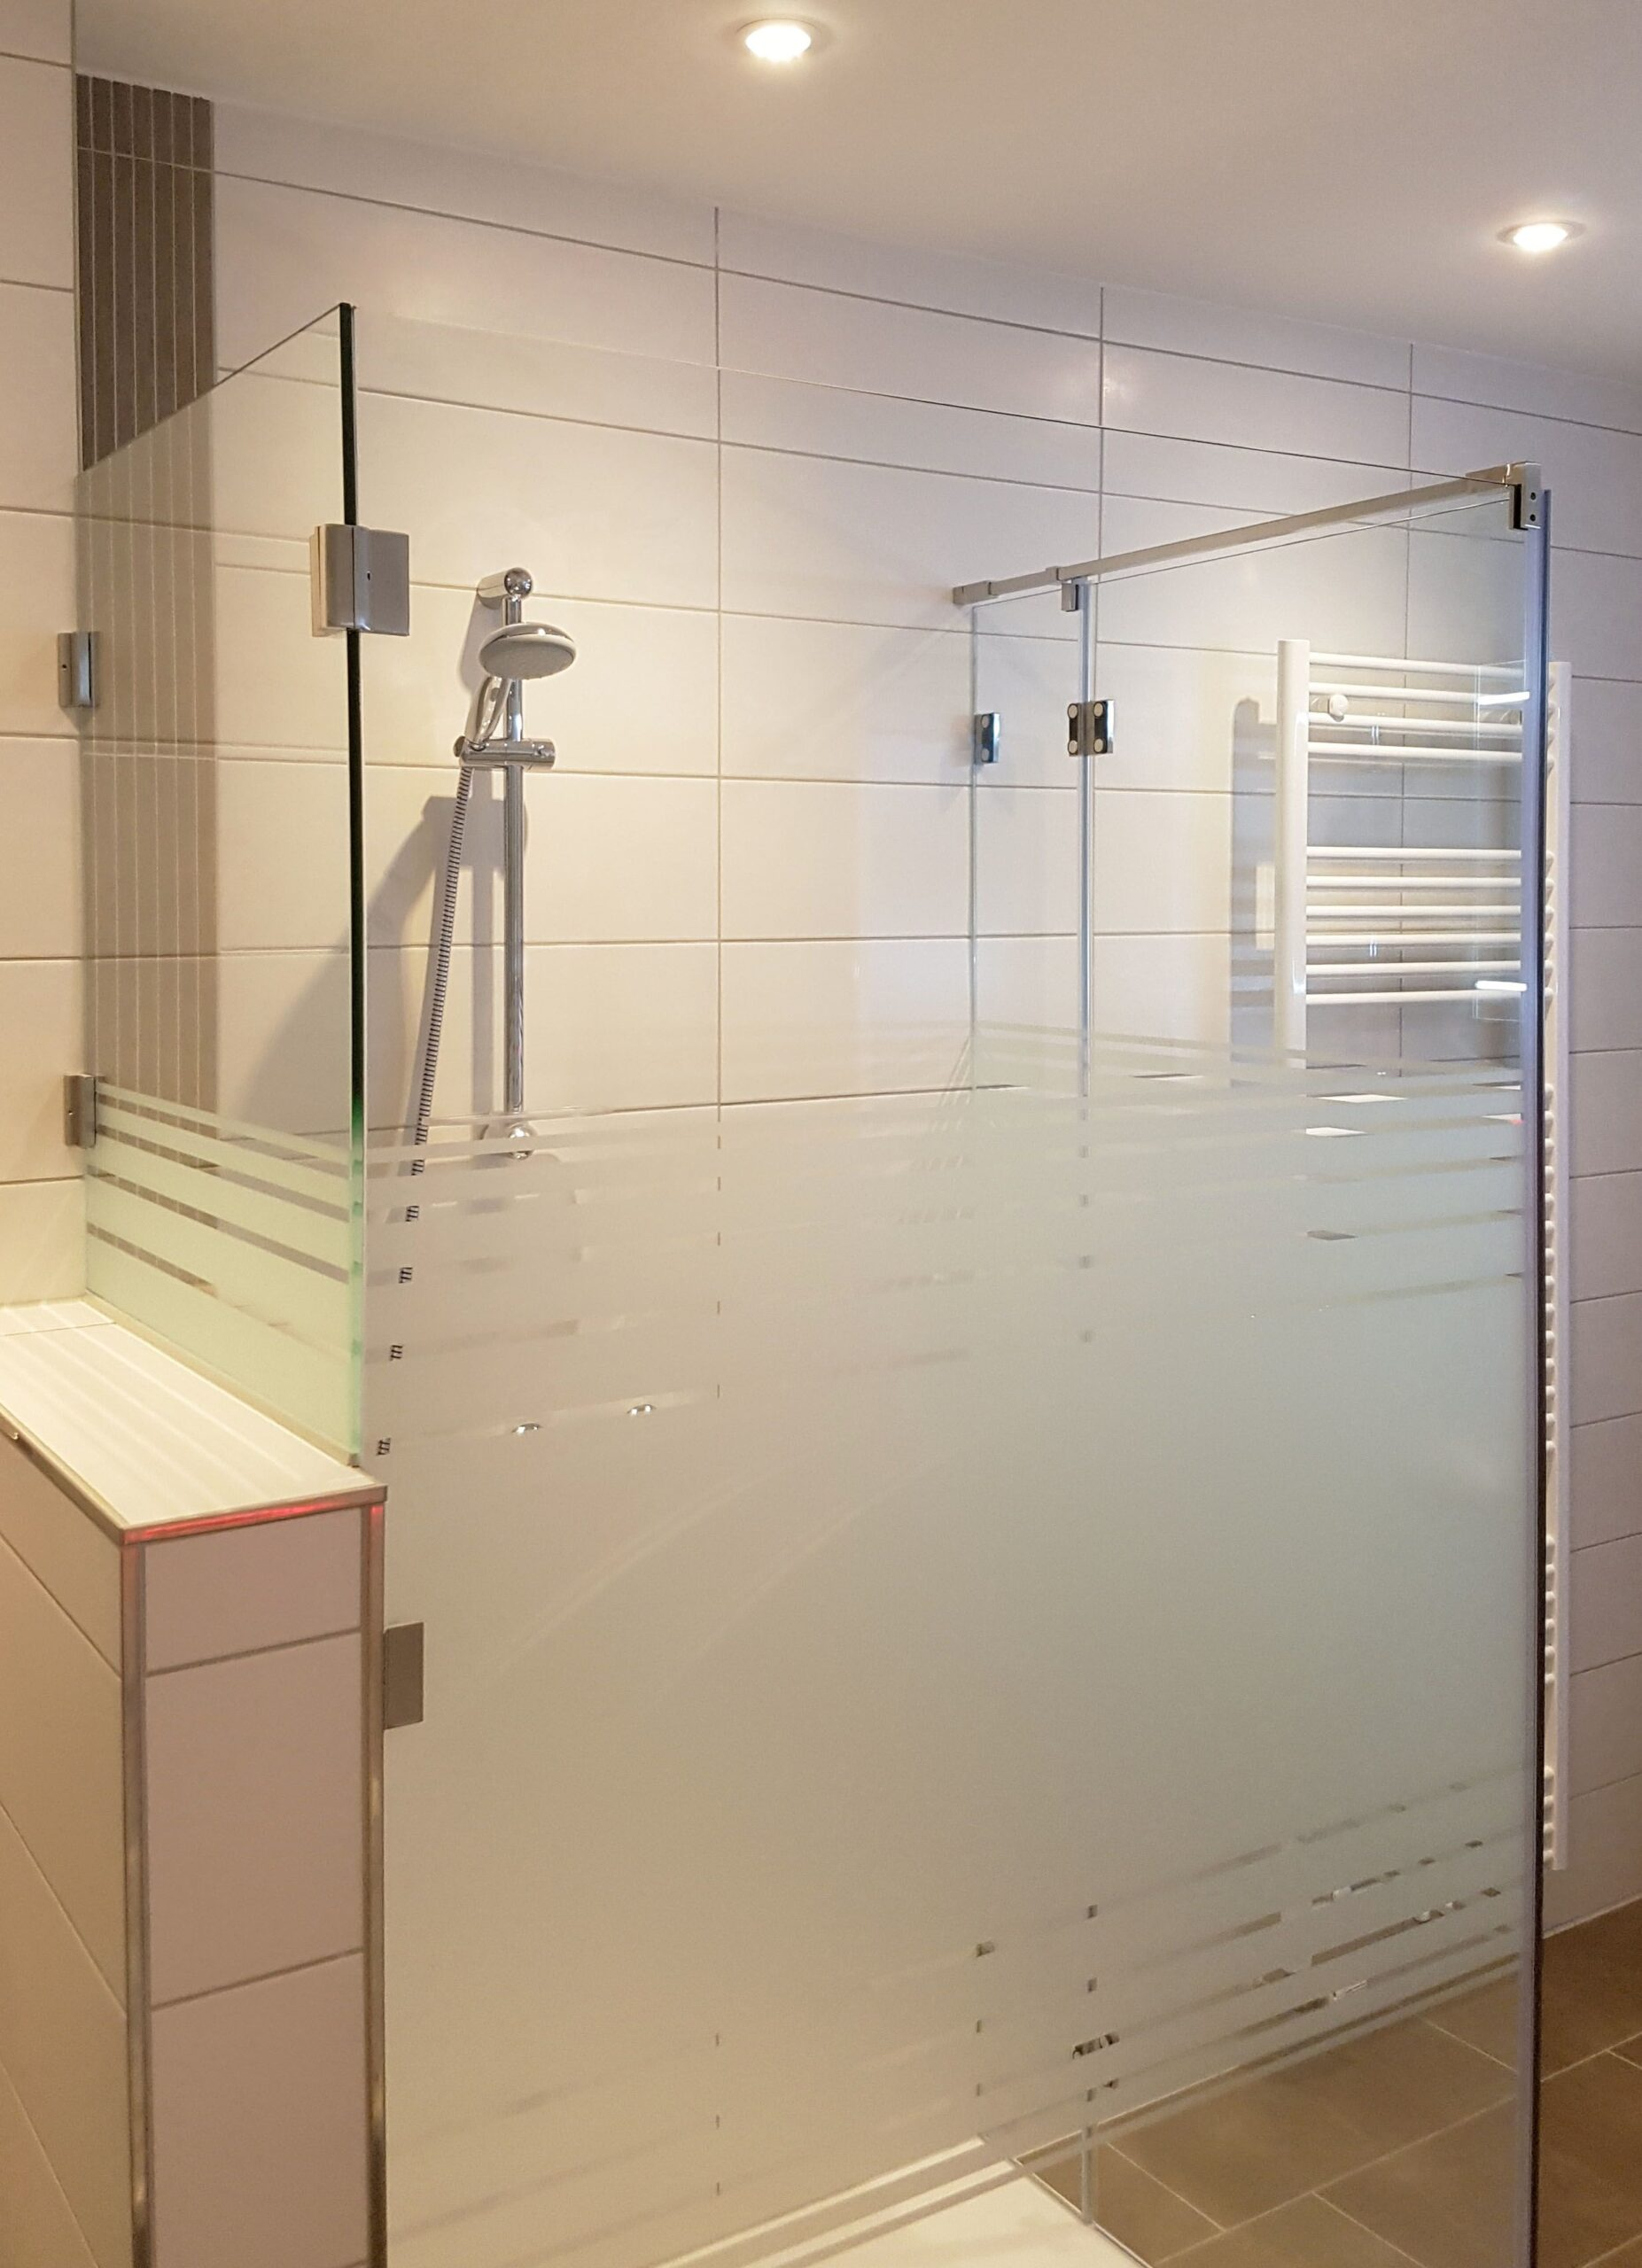 Full Size of Glaswand Dusche Aus Glas Mit Satiniertem Glasmuster Und Verkrztem Bodengleiche Duschen Begehbare Fliesen Eckeinstieg Siphon Moderne Walkin Thermostat 90x90 Dusche Glaswand Dusche